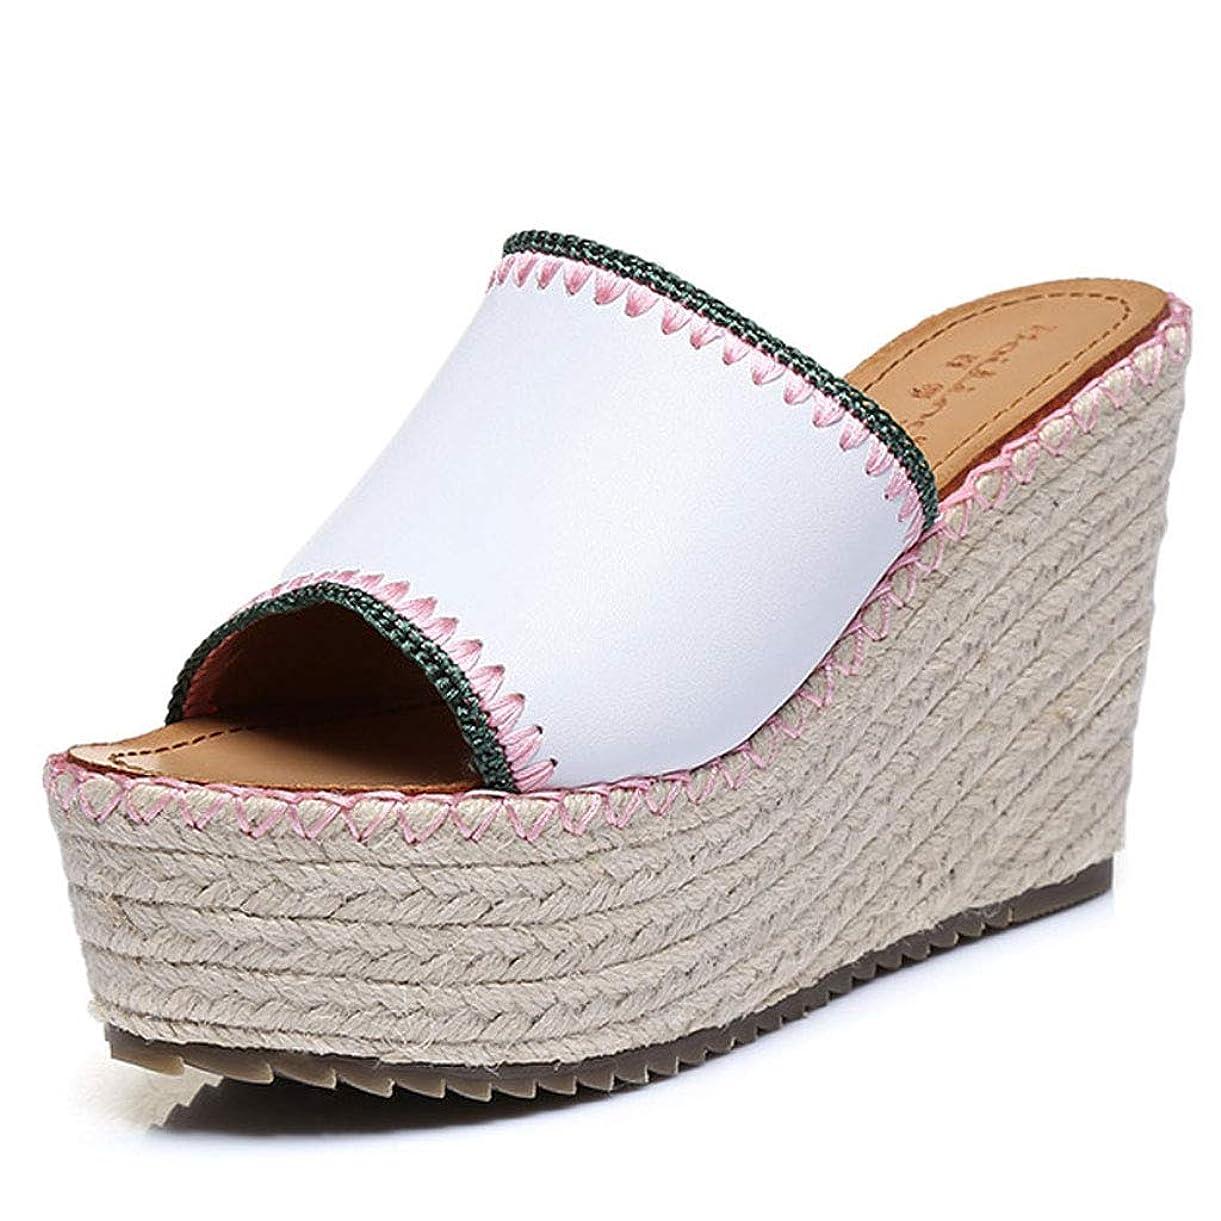 泣き叫ぶ鳩穏やかなセクシーな屋外ホワイトウェッジスリッパ厚手の麻のロープ編まれたハイヒールの靴ファッション夏の女性の靴 (色 : 白, サイズ さいず : 37)